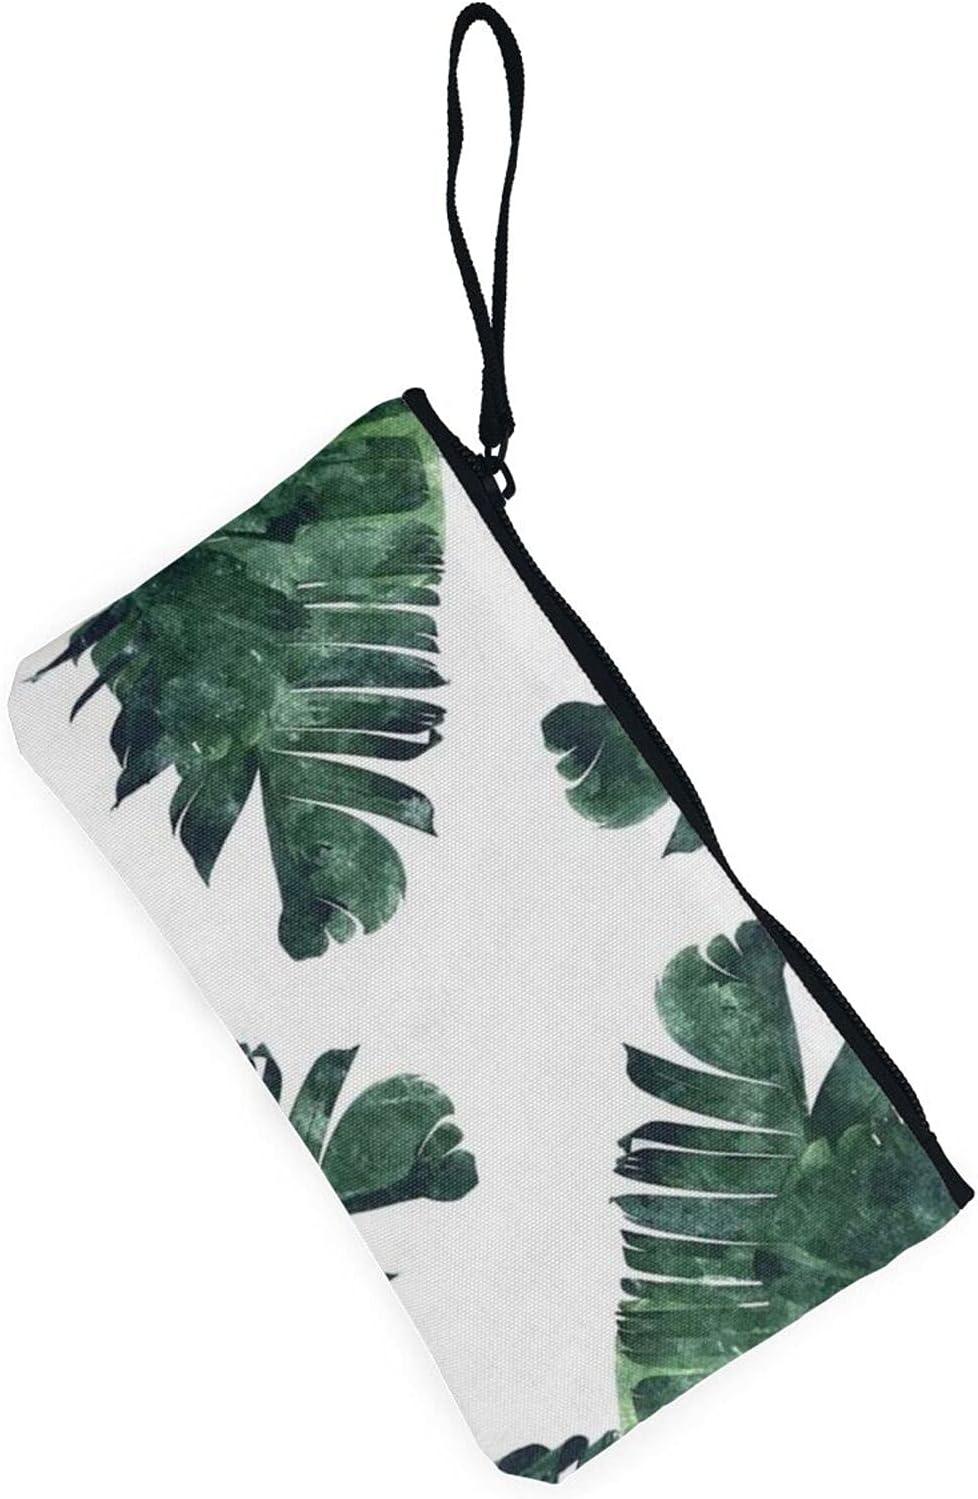 AORRUAM Palm Leaves Canvas Coin Purse,Canvas Zipper Pencil Cases,Canvas Change Purse Pouch Mini Wallet Coin Bag